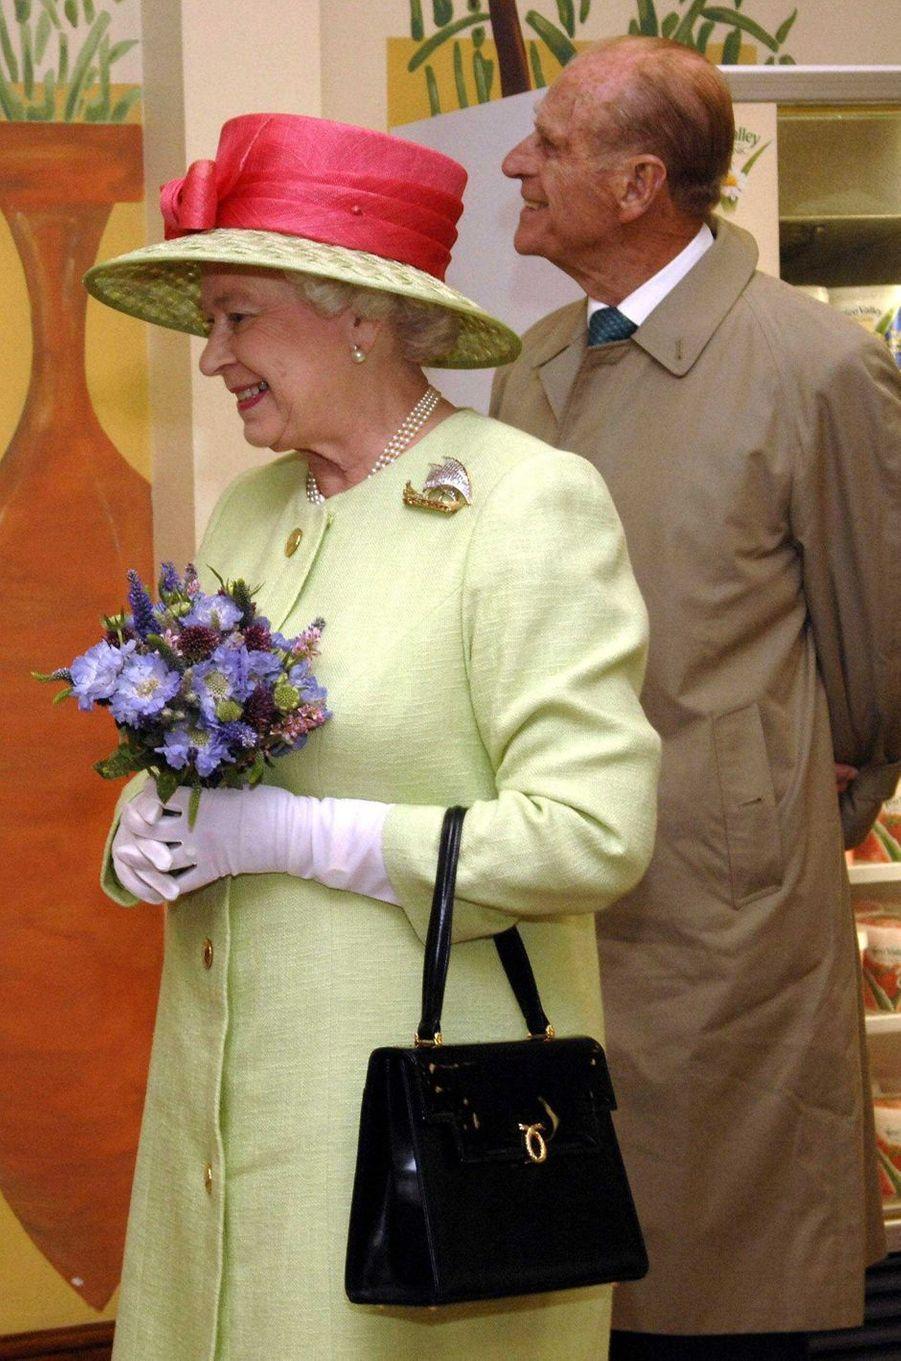 La reine Elizabeth II avec un sac Launer, le 20 juillet 2007